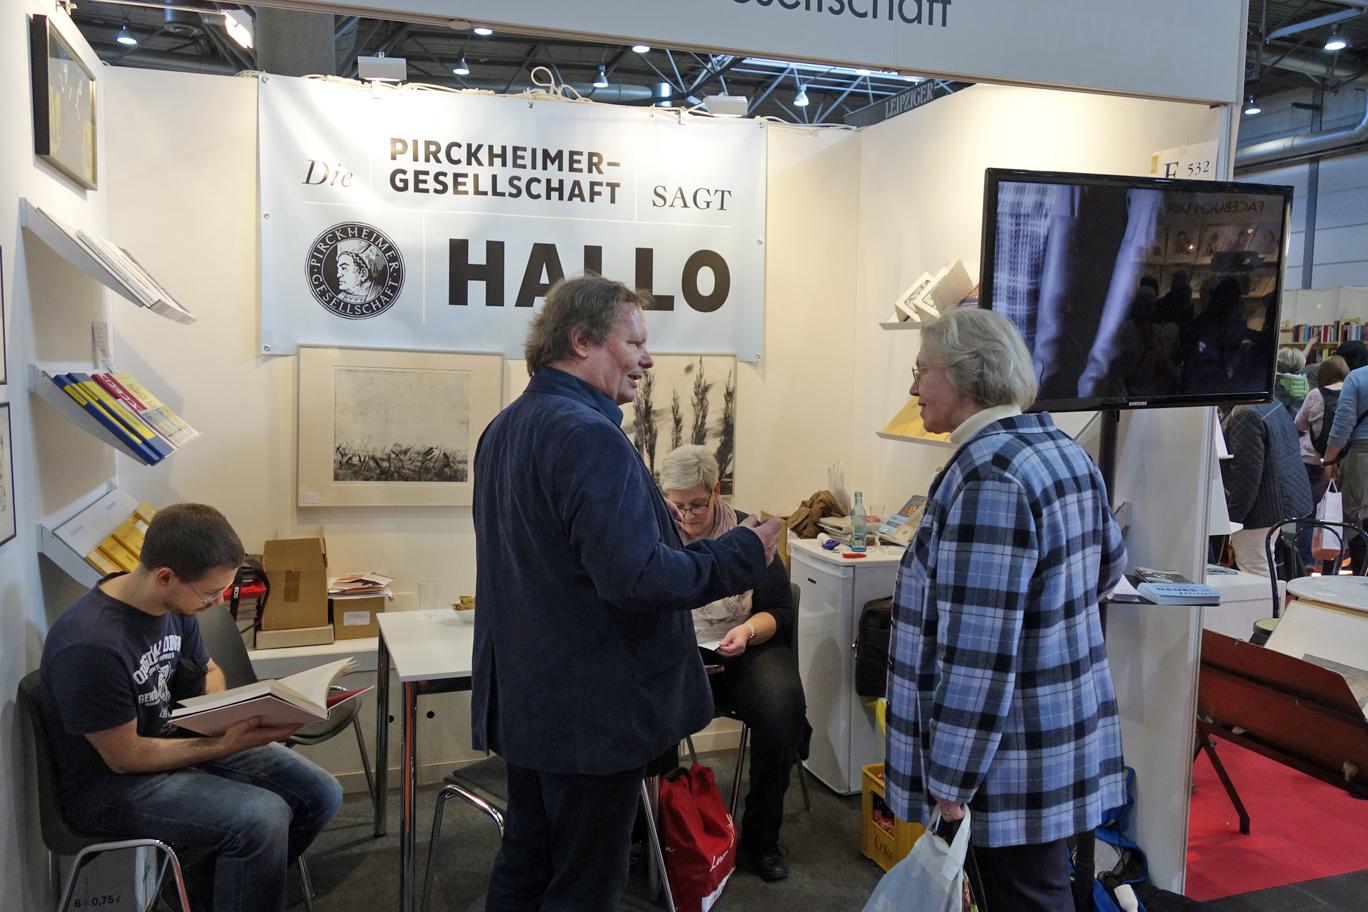 Pirckheimer-Mitglied Abel Doering im Gespräch mit Messegästen.